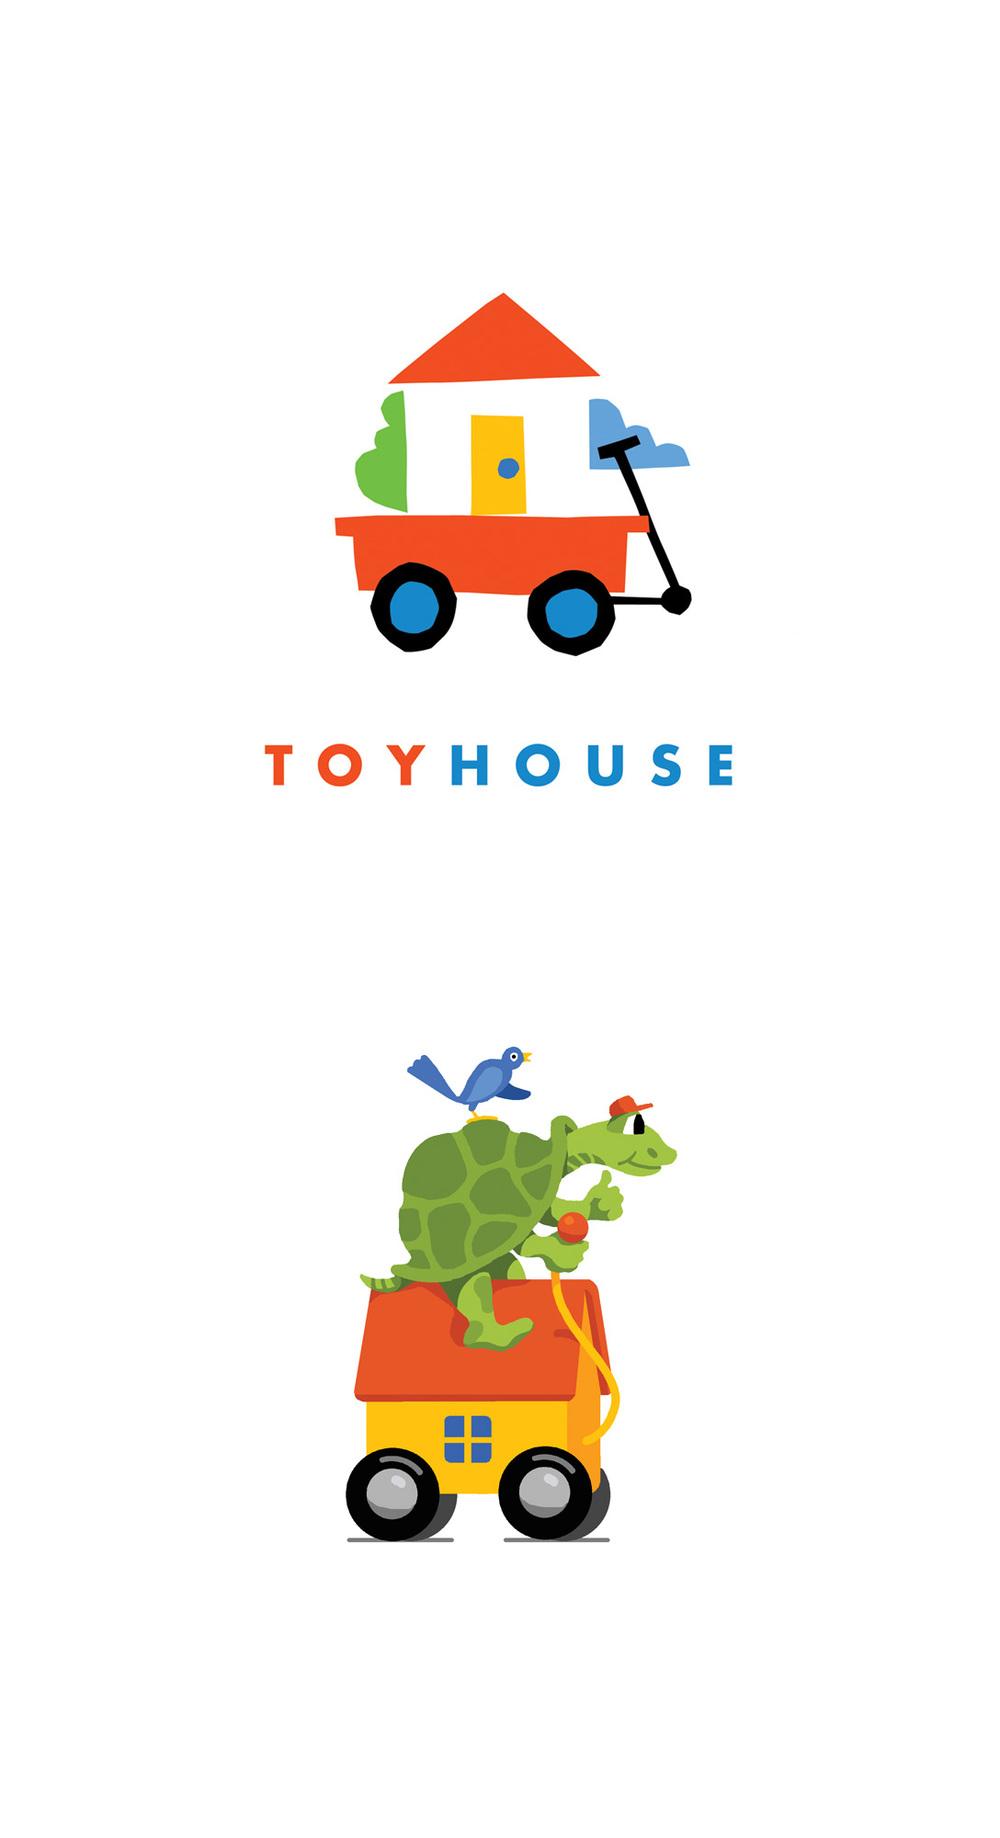 ToyHouse